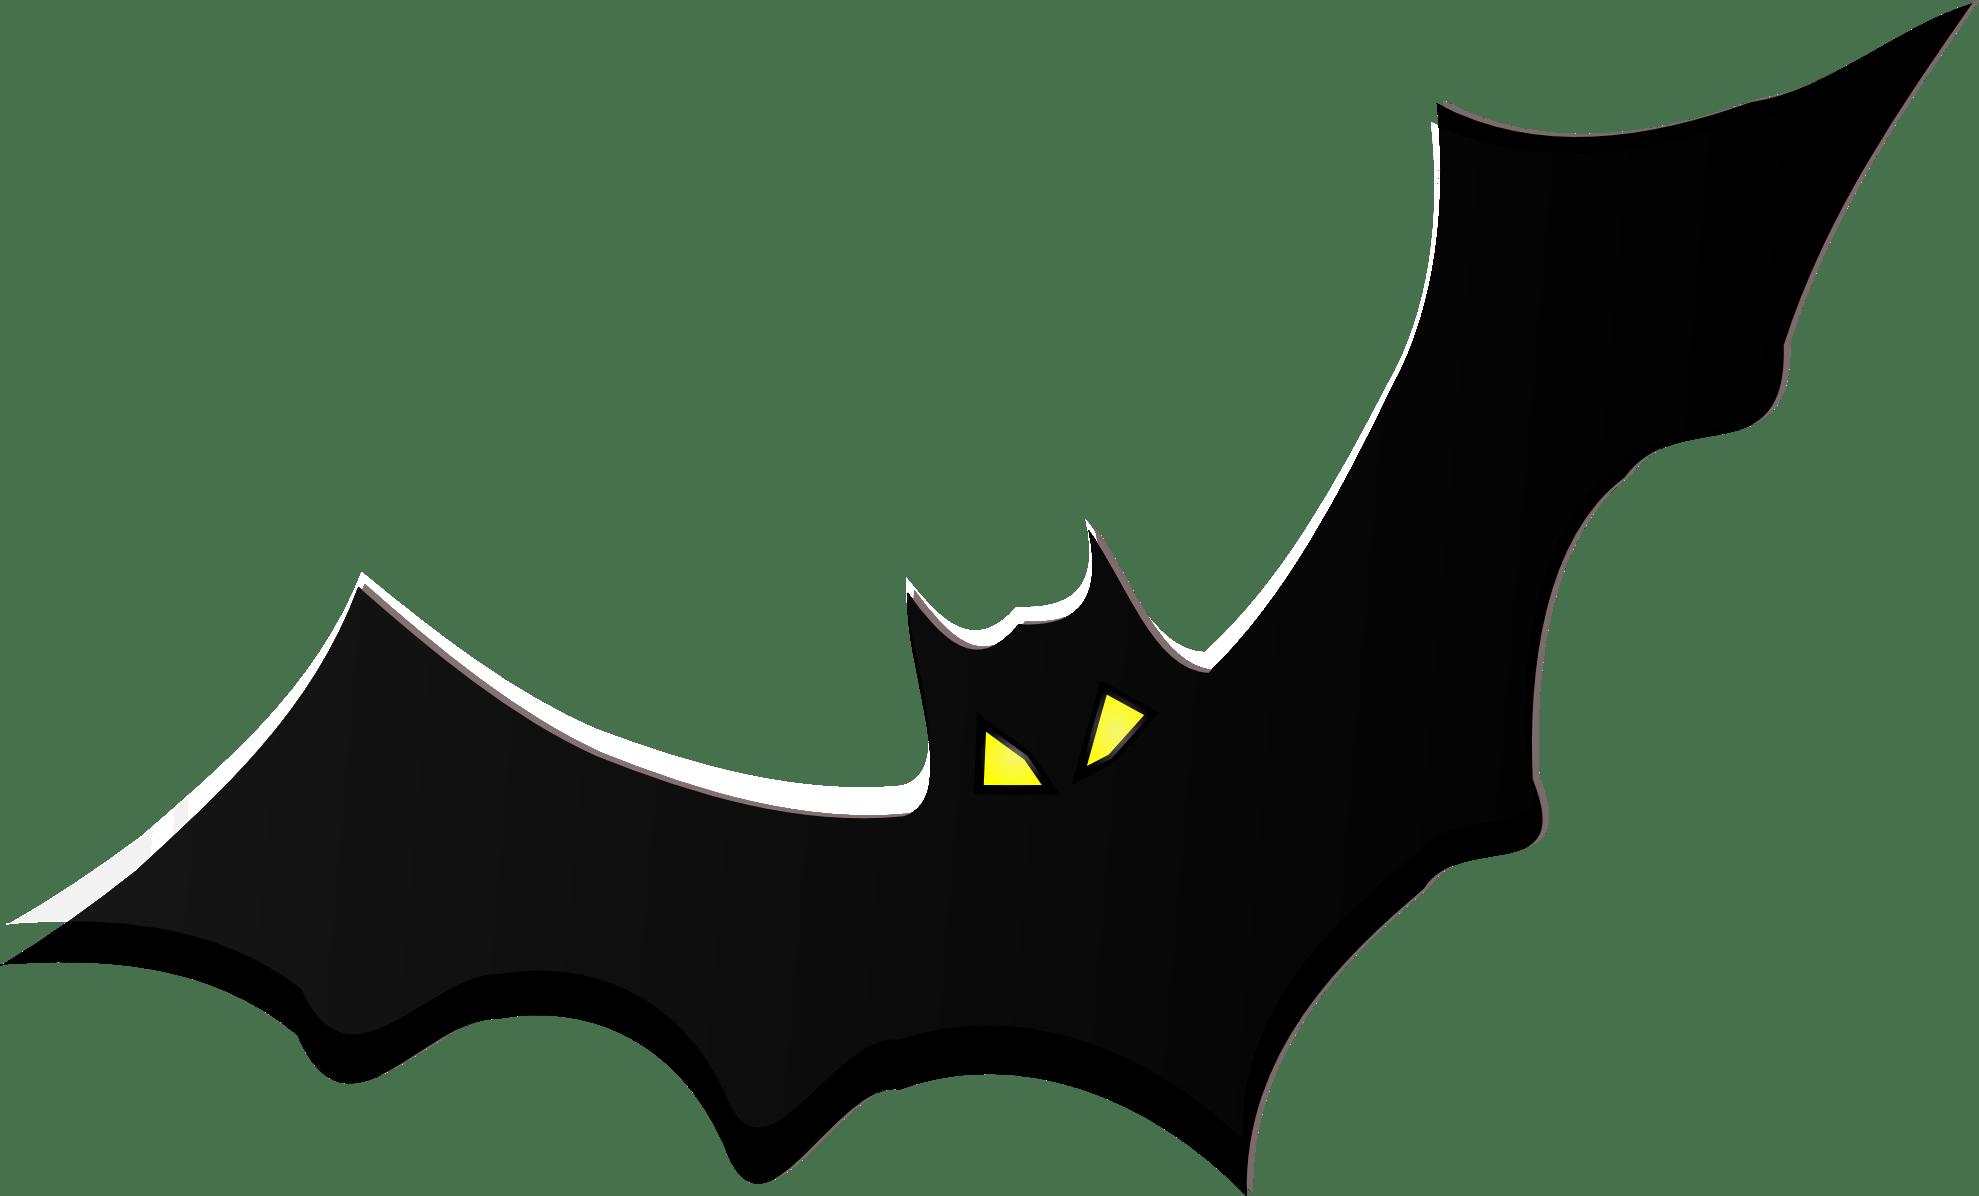 Bat Logo Clipart - Bat HD PNG